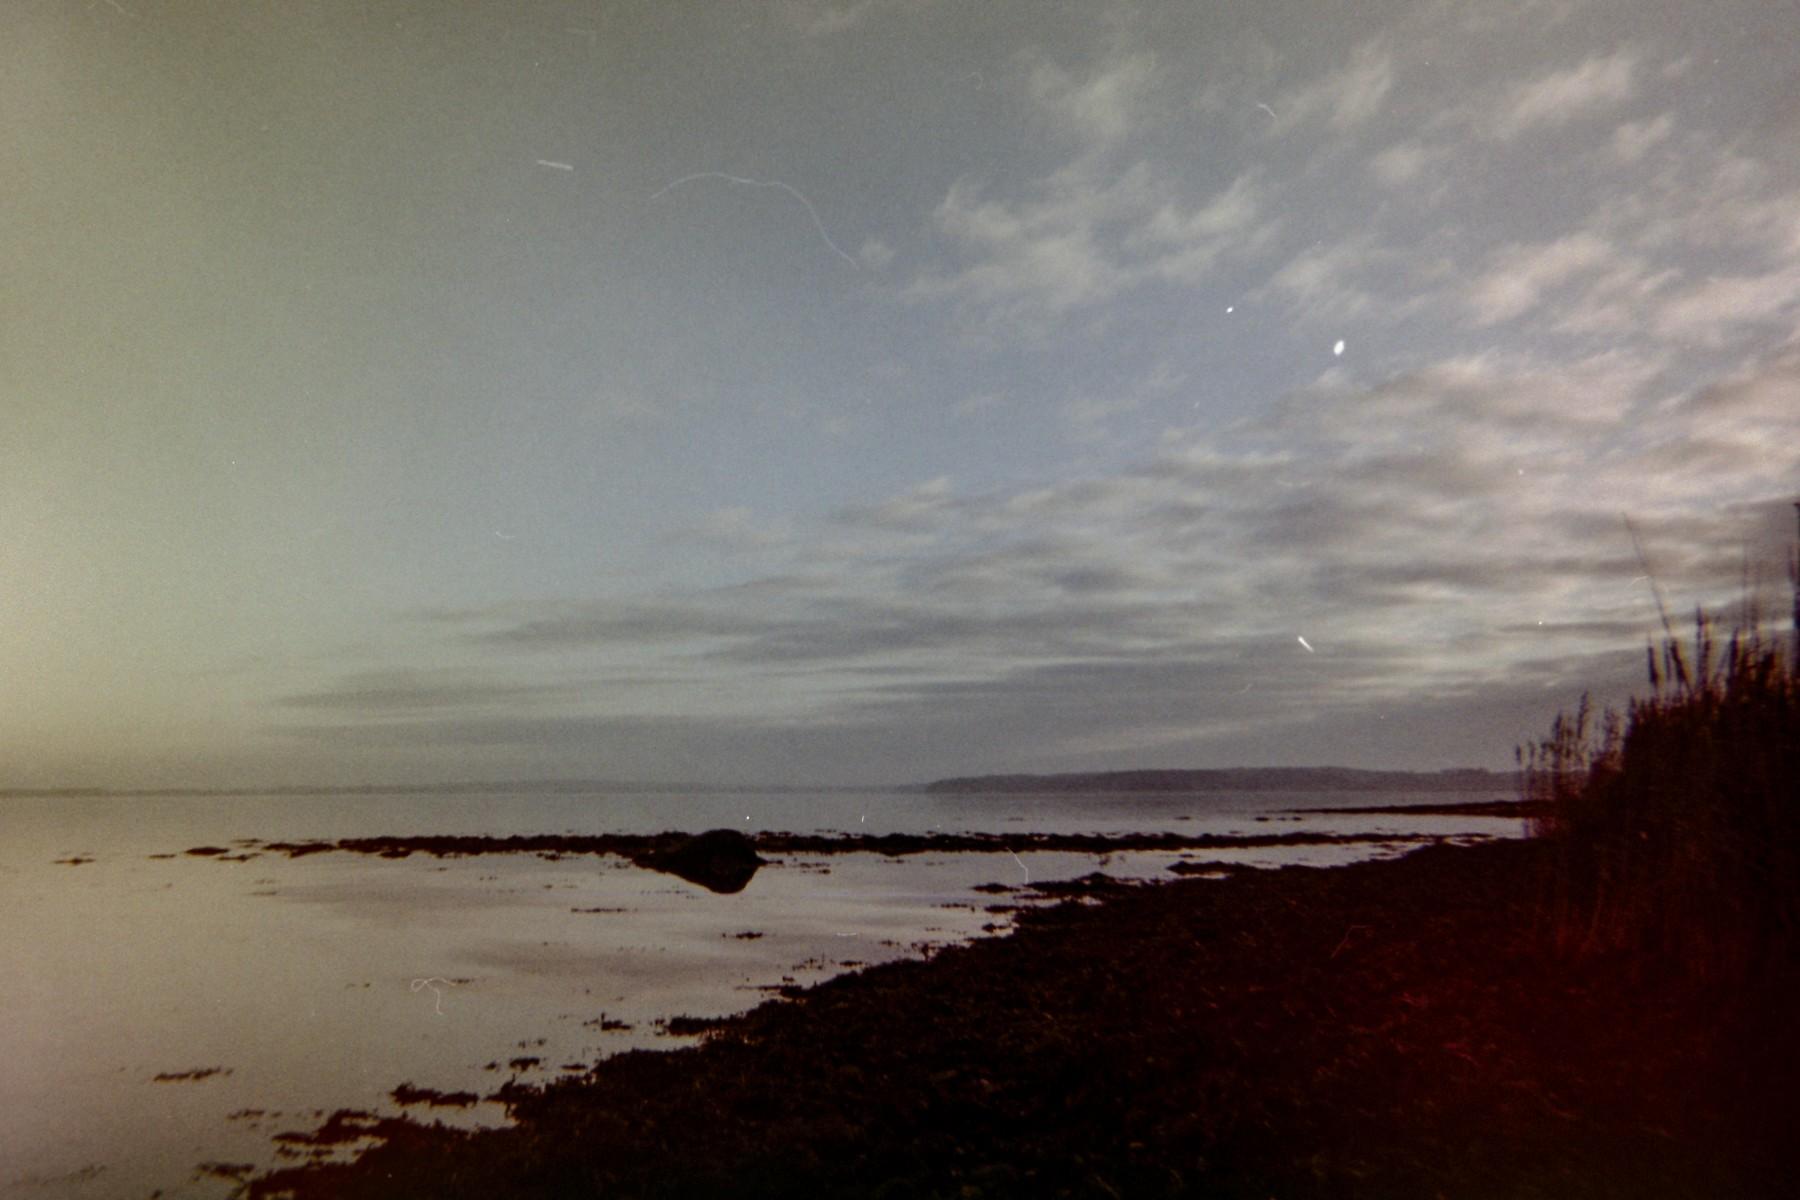 Bognæs - Agfa Reusable 35mm Camera